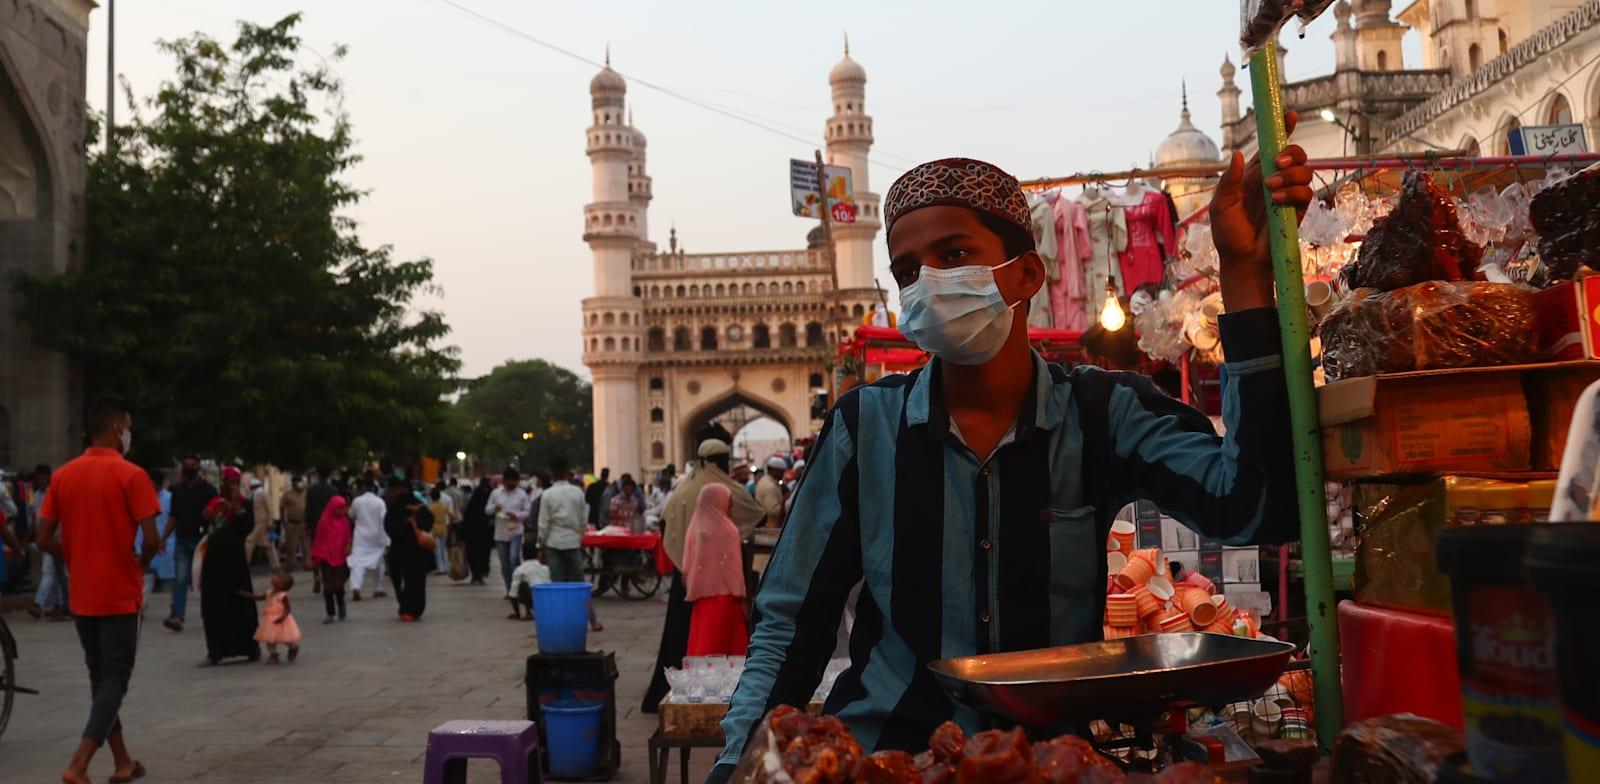 מוכר תמרים מול מסגד בהידראבאד, הודו / צילום: Associated Press, Mahesh Kumar A.